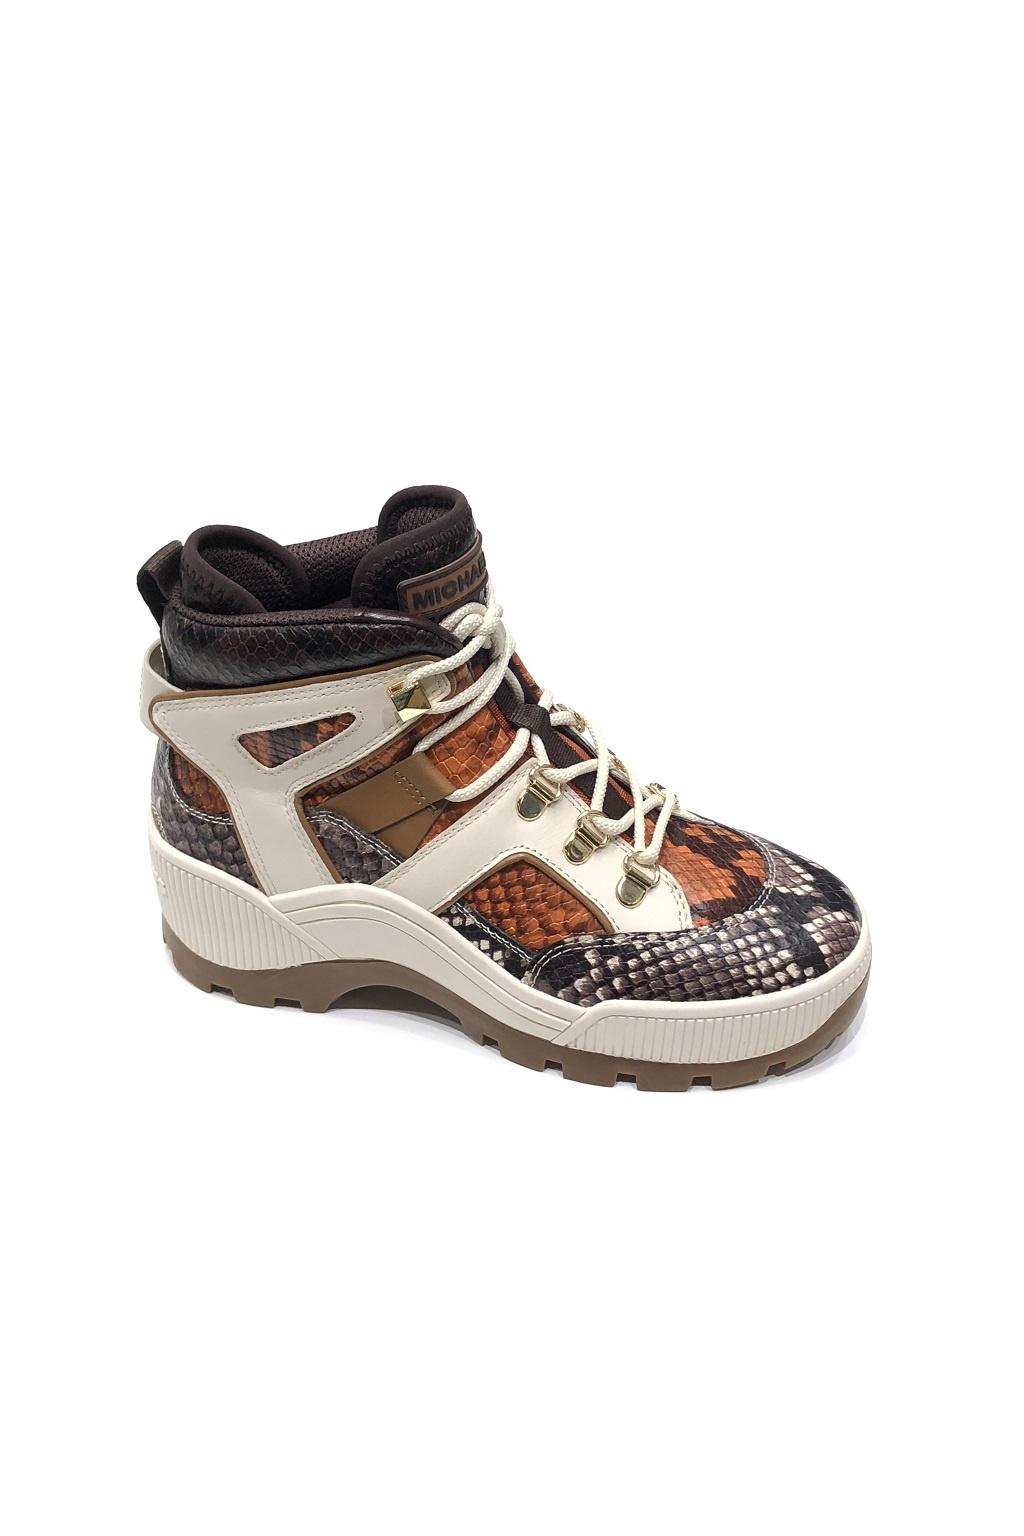 40F9BKFE1E Dámská obuv Michael Kors Brooke Embossed Leather oranžová